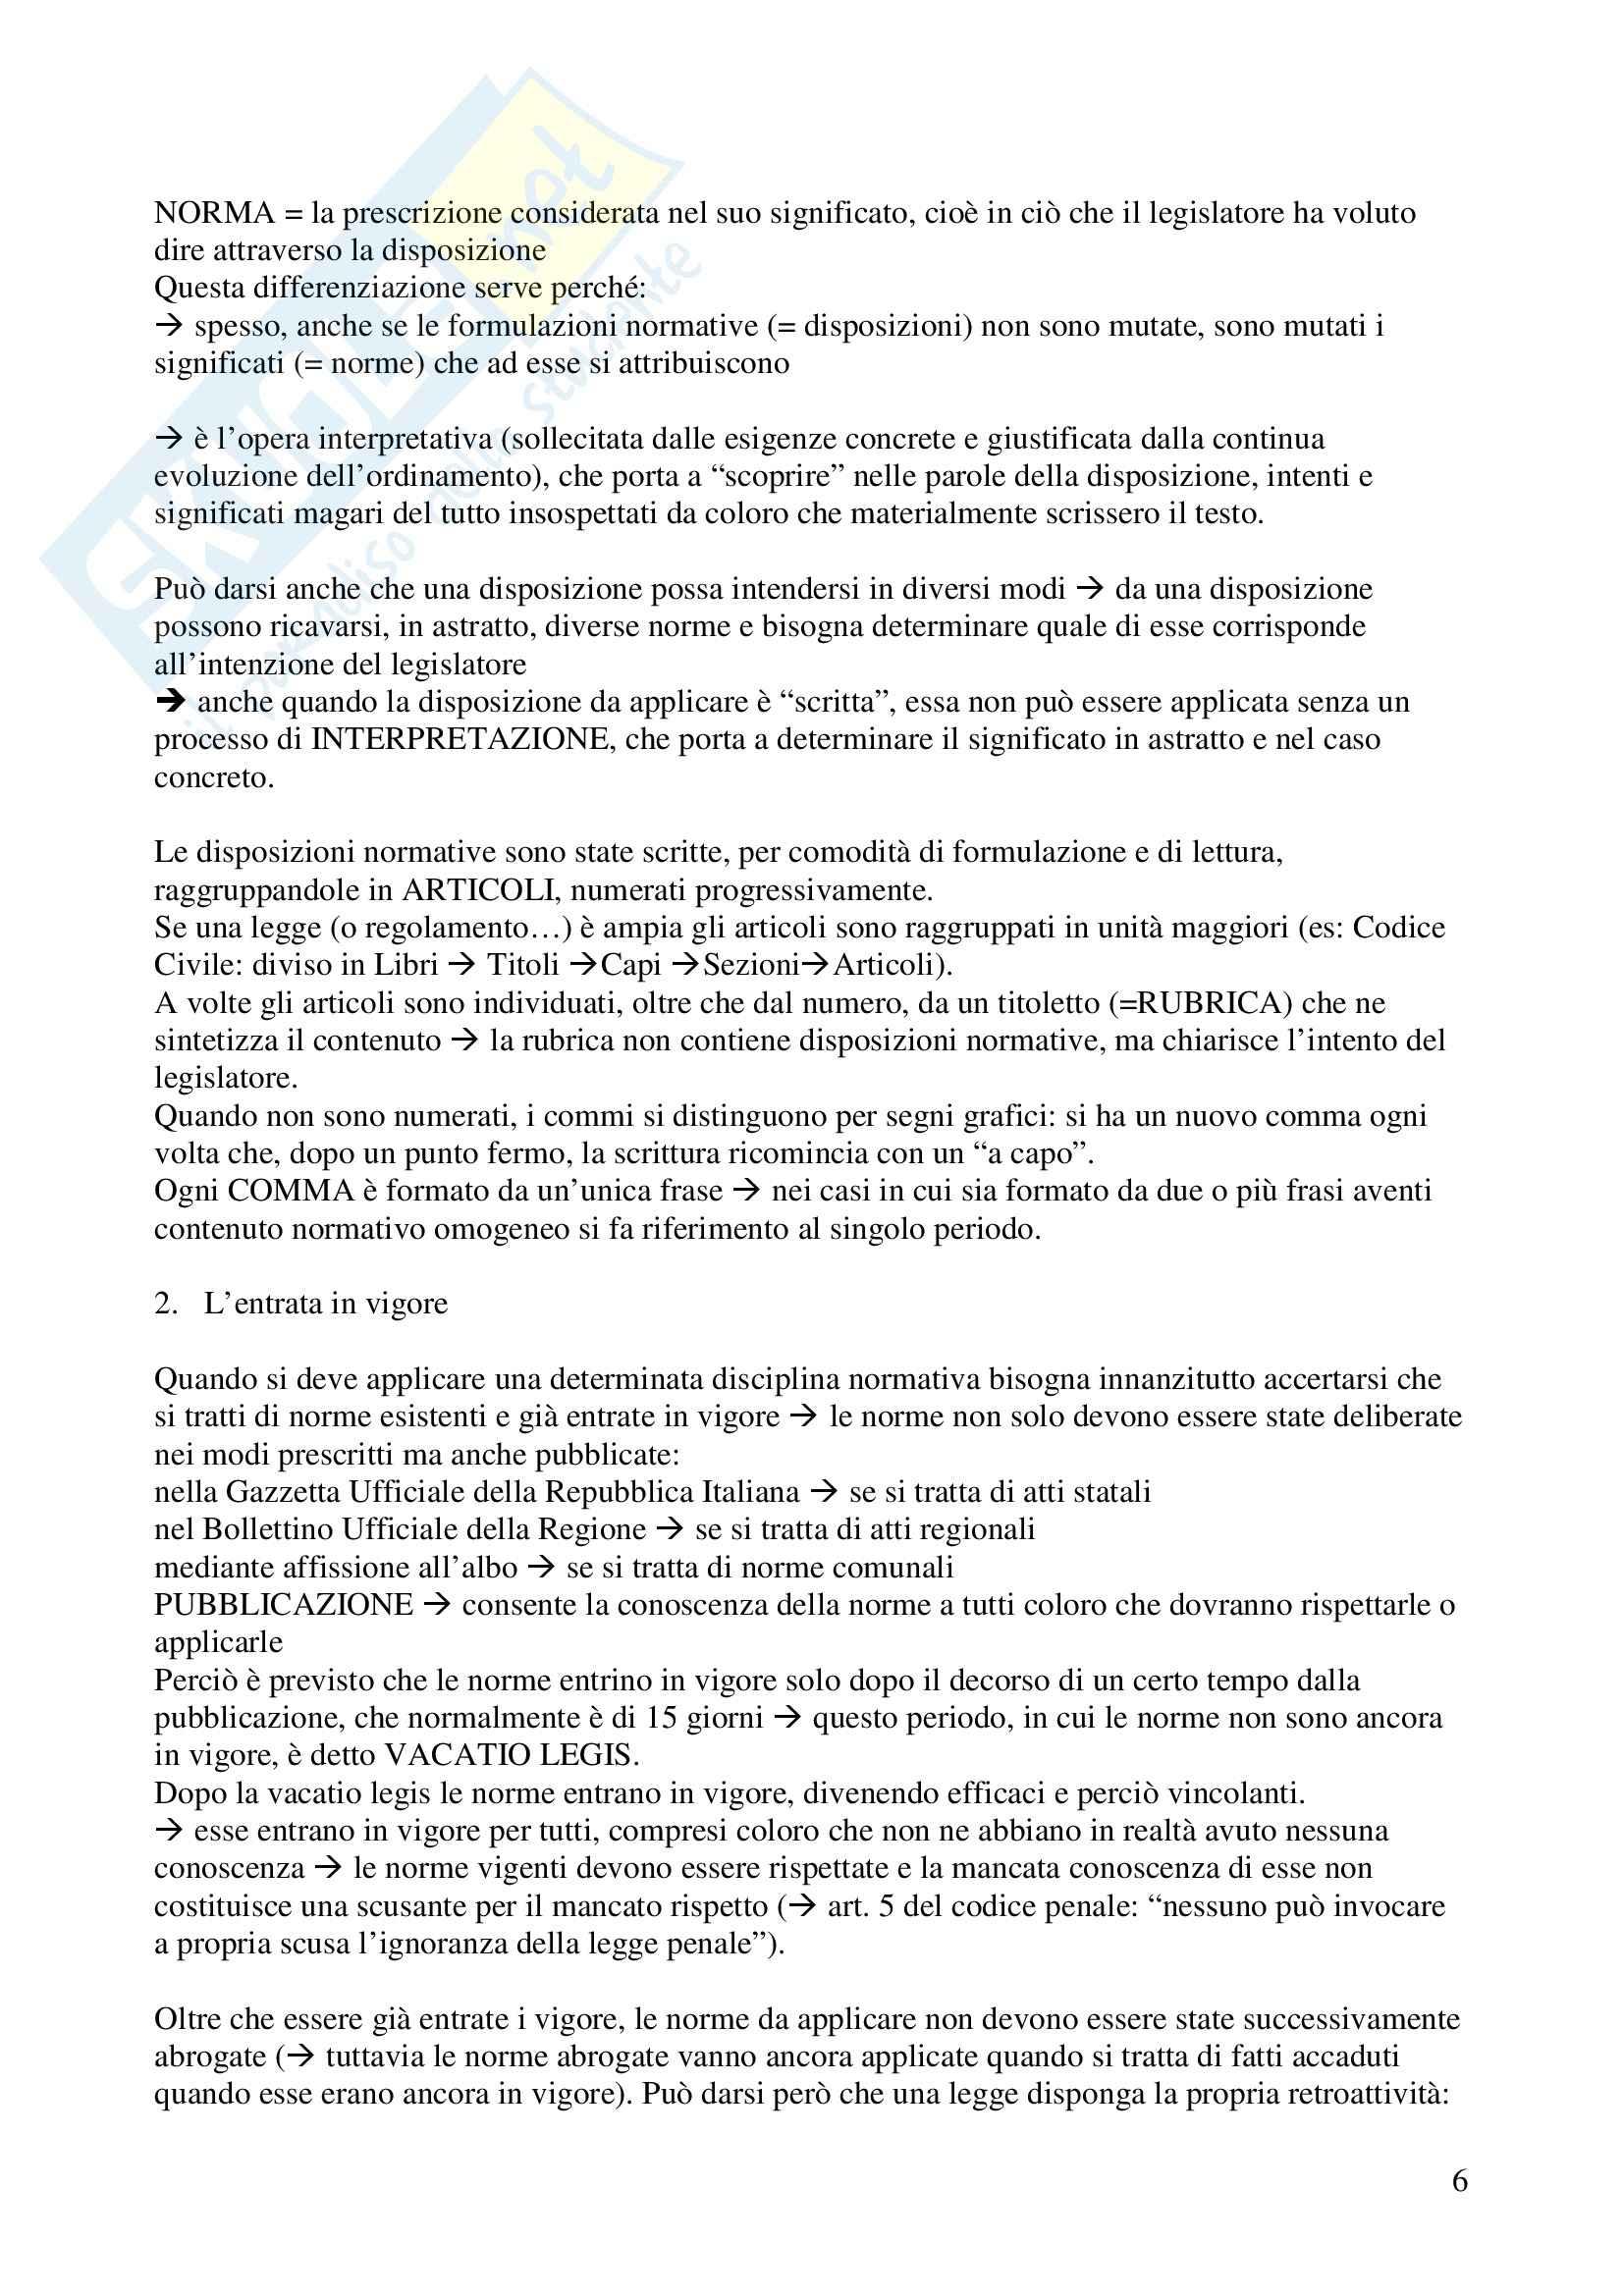 Diritto costituzionale - Appunti Pag. 6